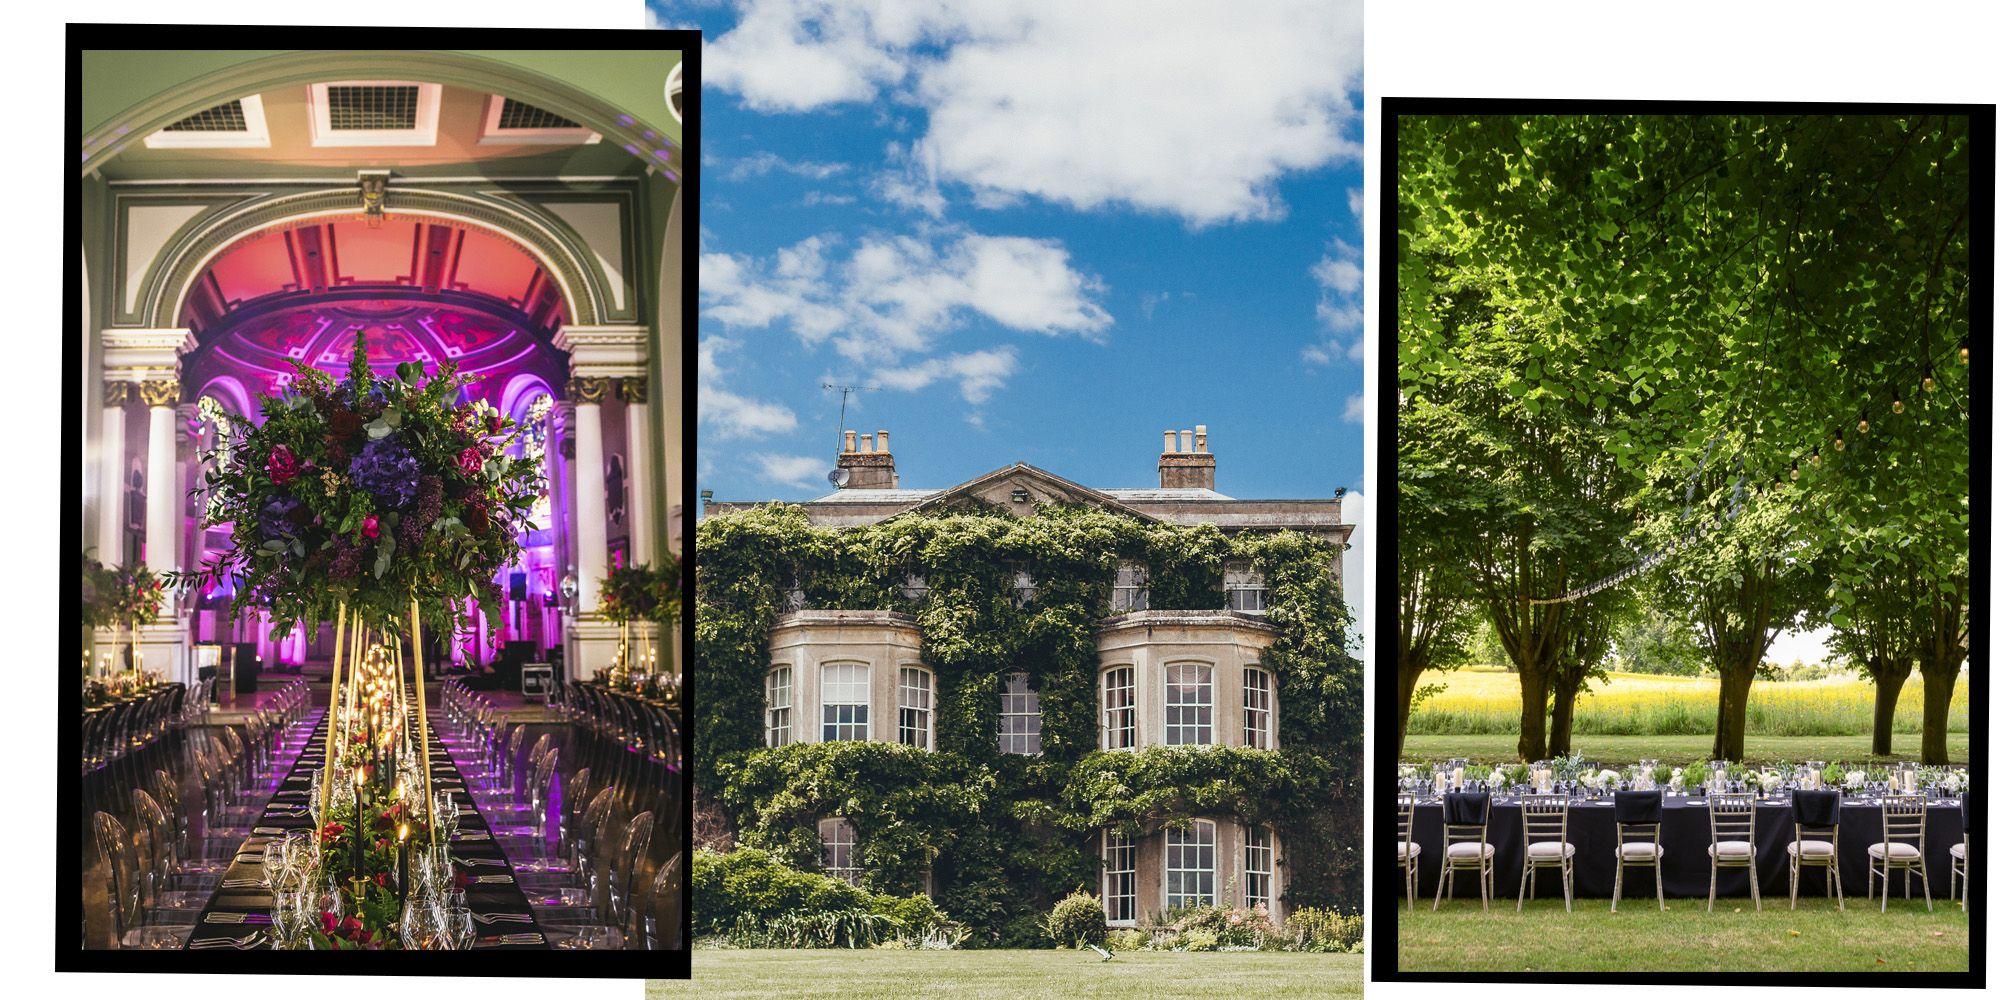 29 Best UK Wedding Venues - Wedding Venues In London And Beyond